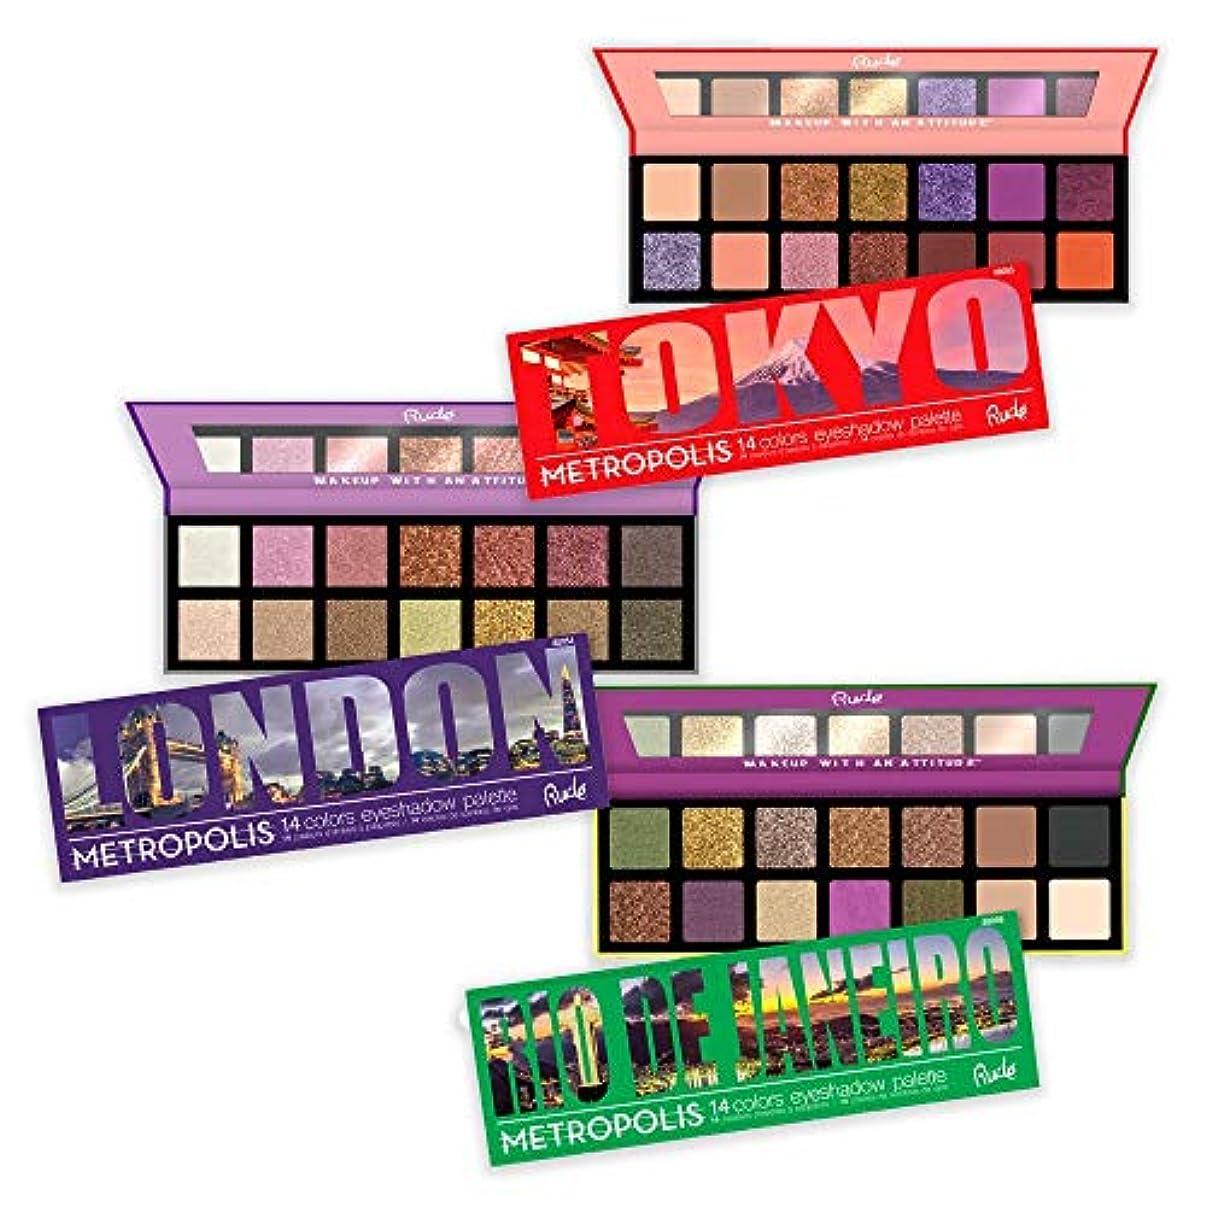 農村あご値下げRUDE Metropolis 14 Color Eyeshadow Palette (BUNDLE) (並行輸入品)